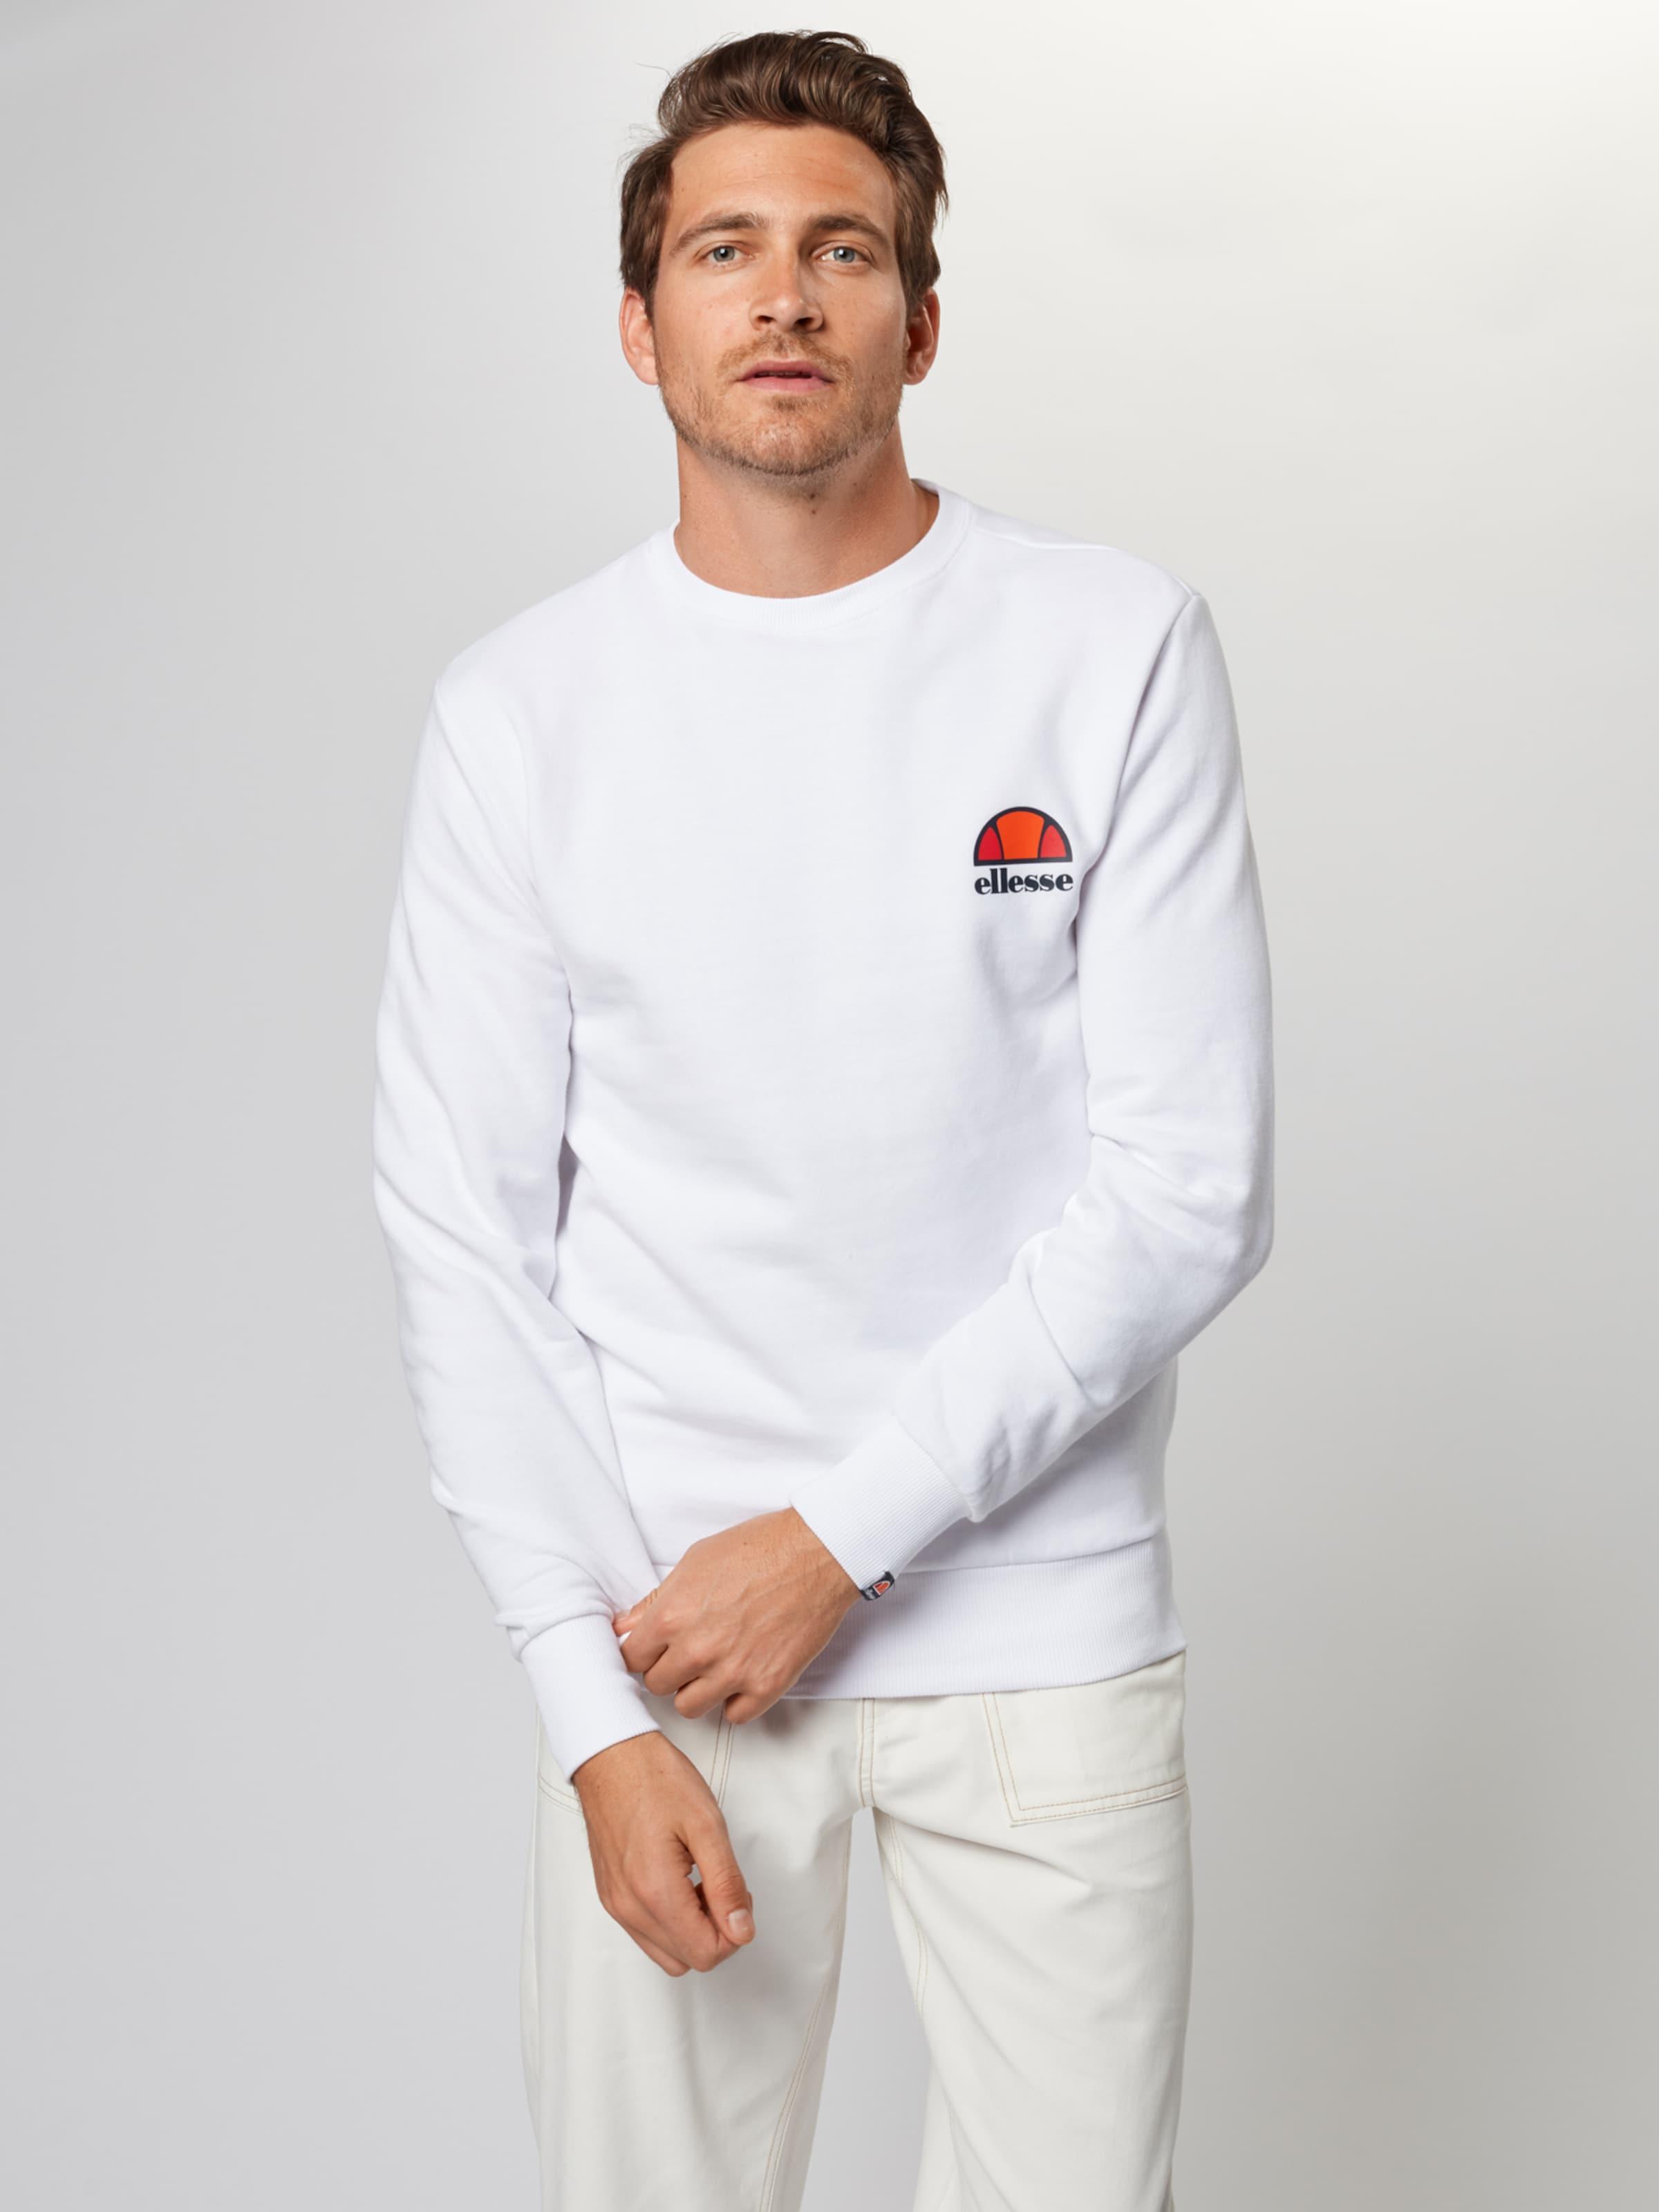 shirt Ellesse En Sweat Blanc 'diveria' c3Rj5AS4qL